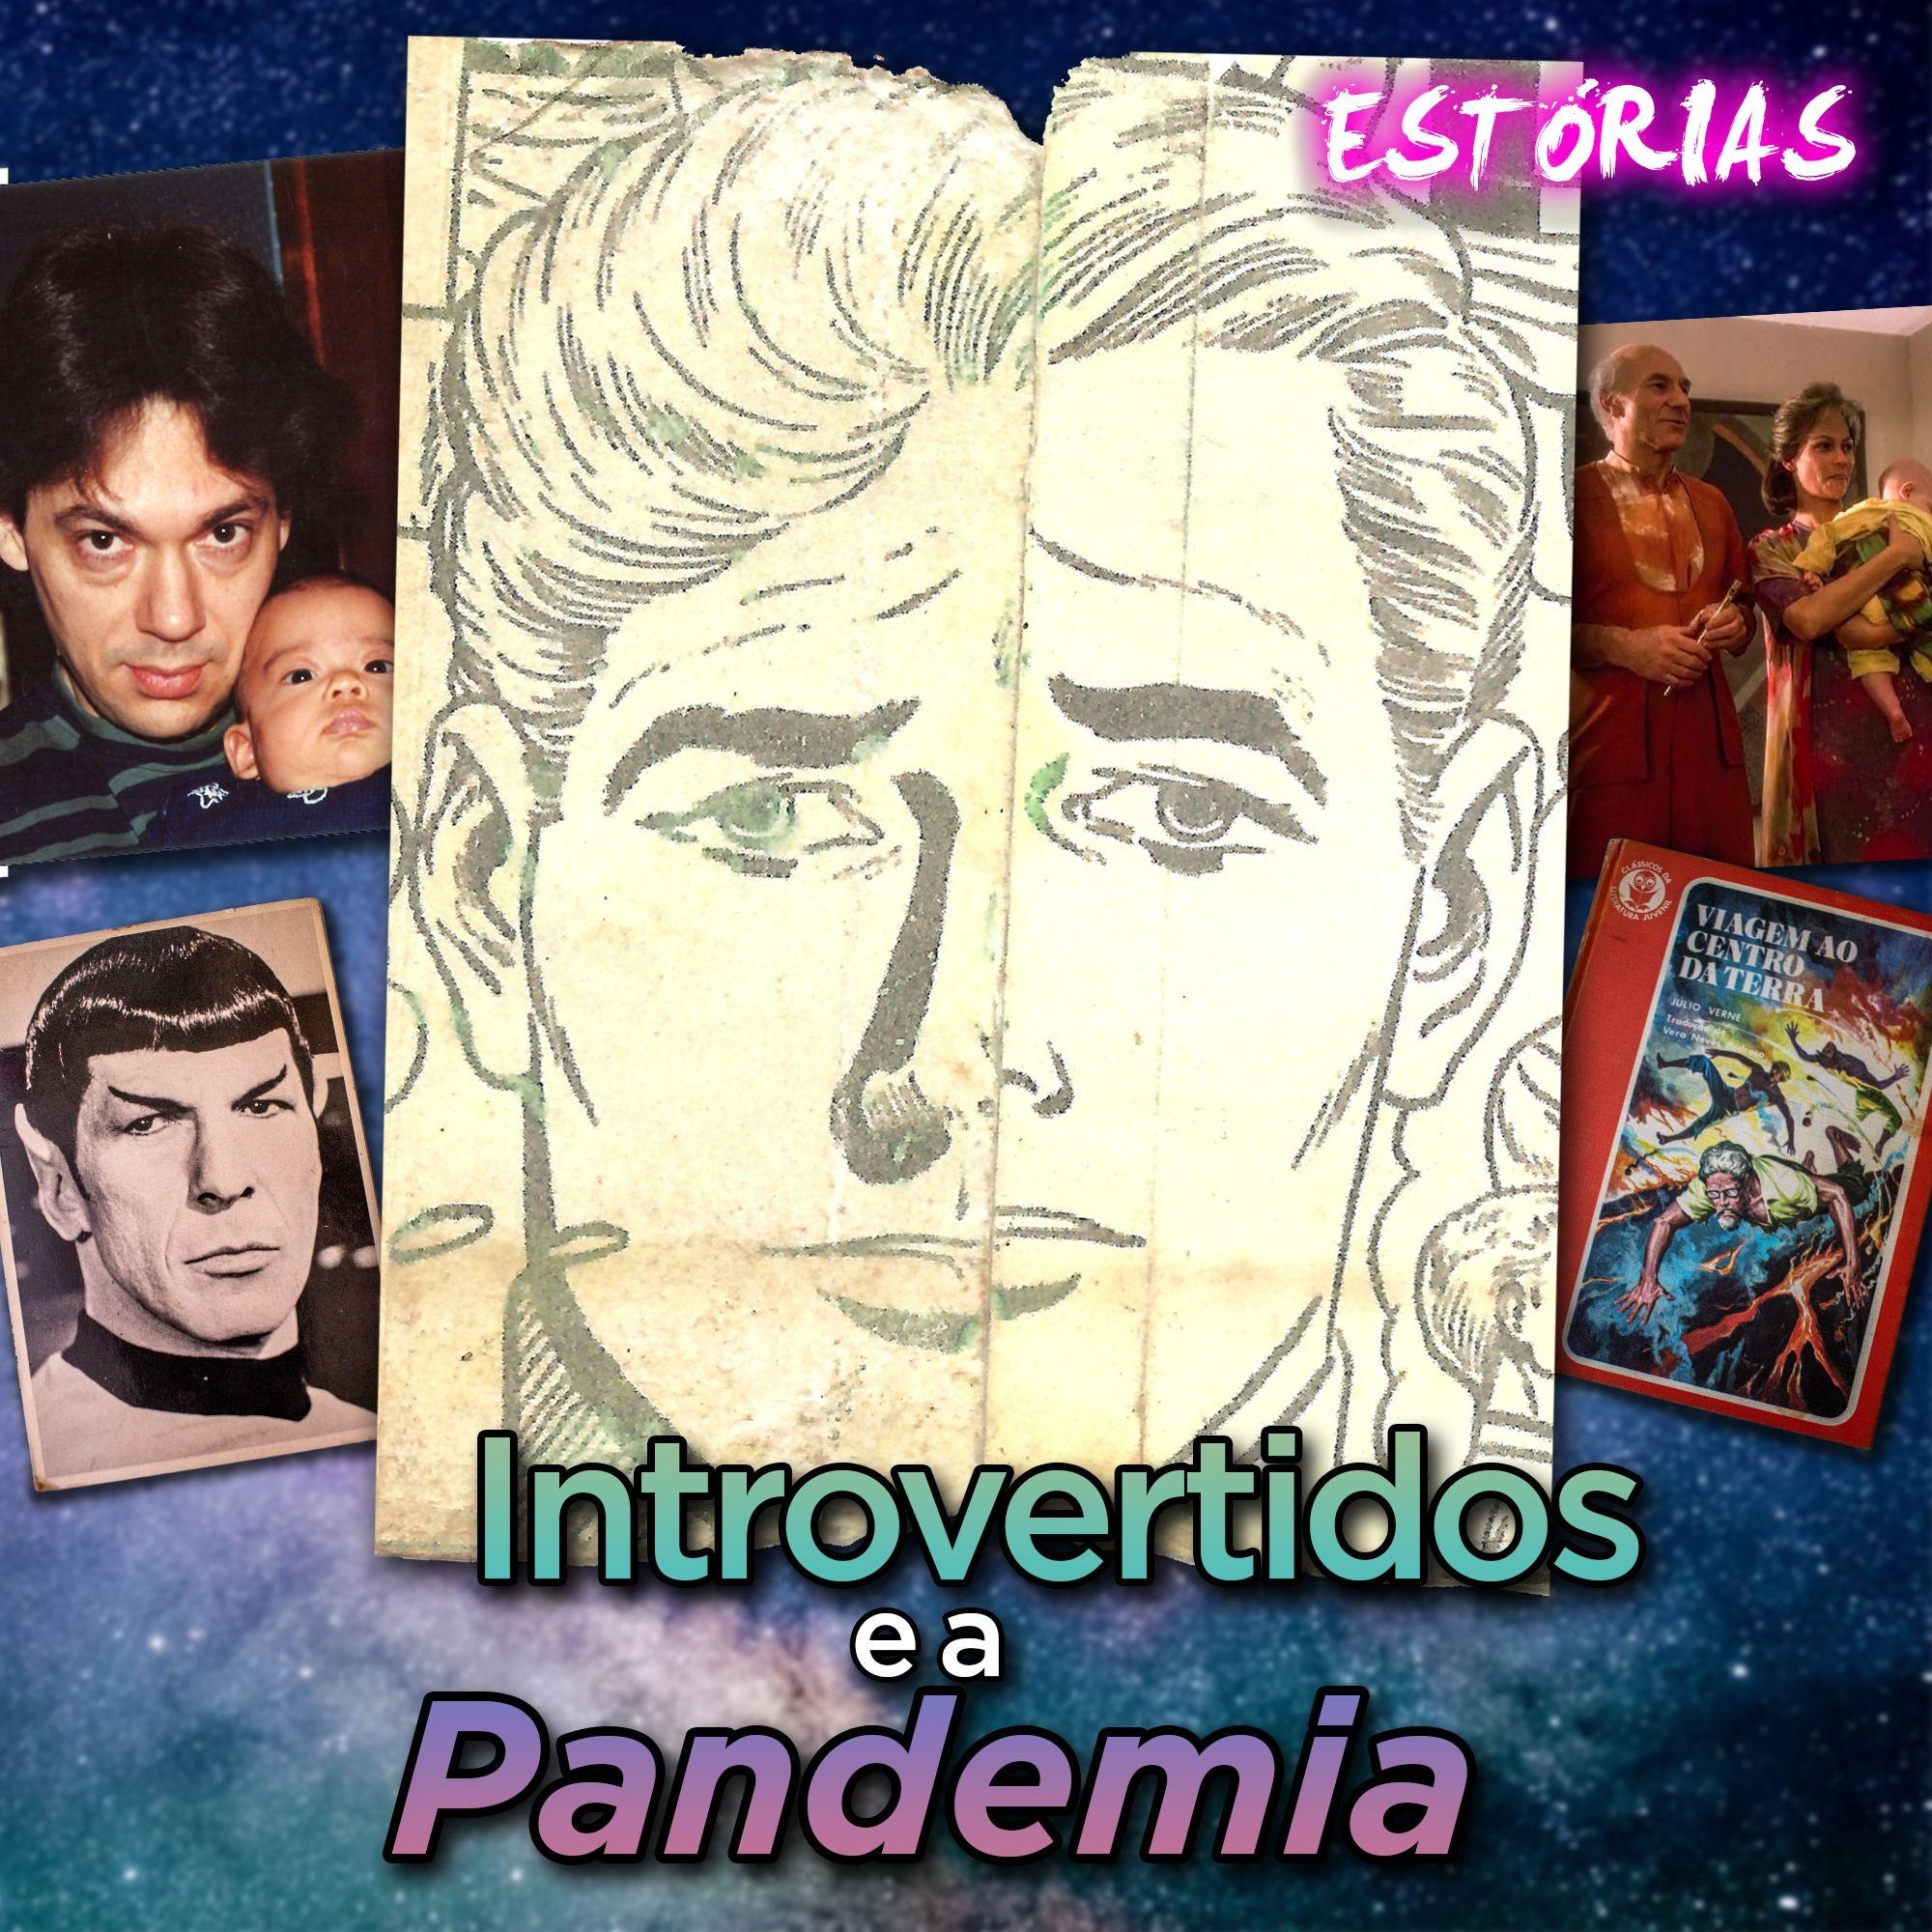 Introvertidos e a Pandemia